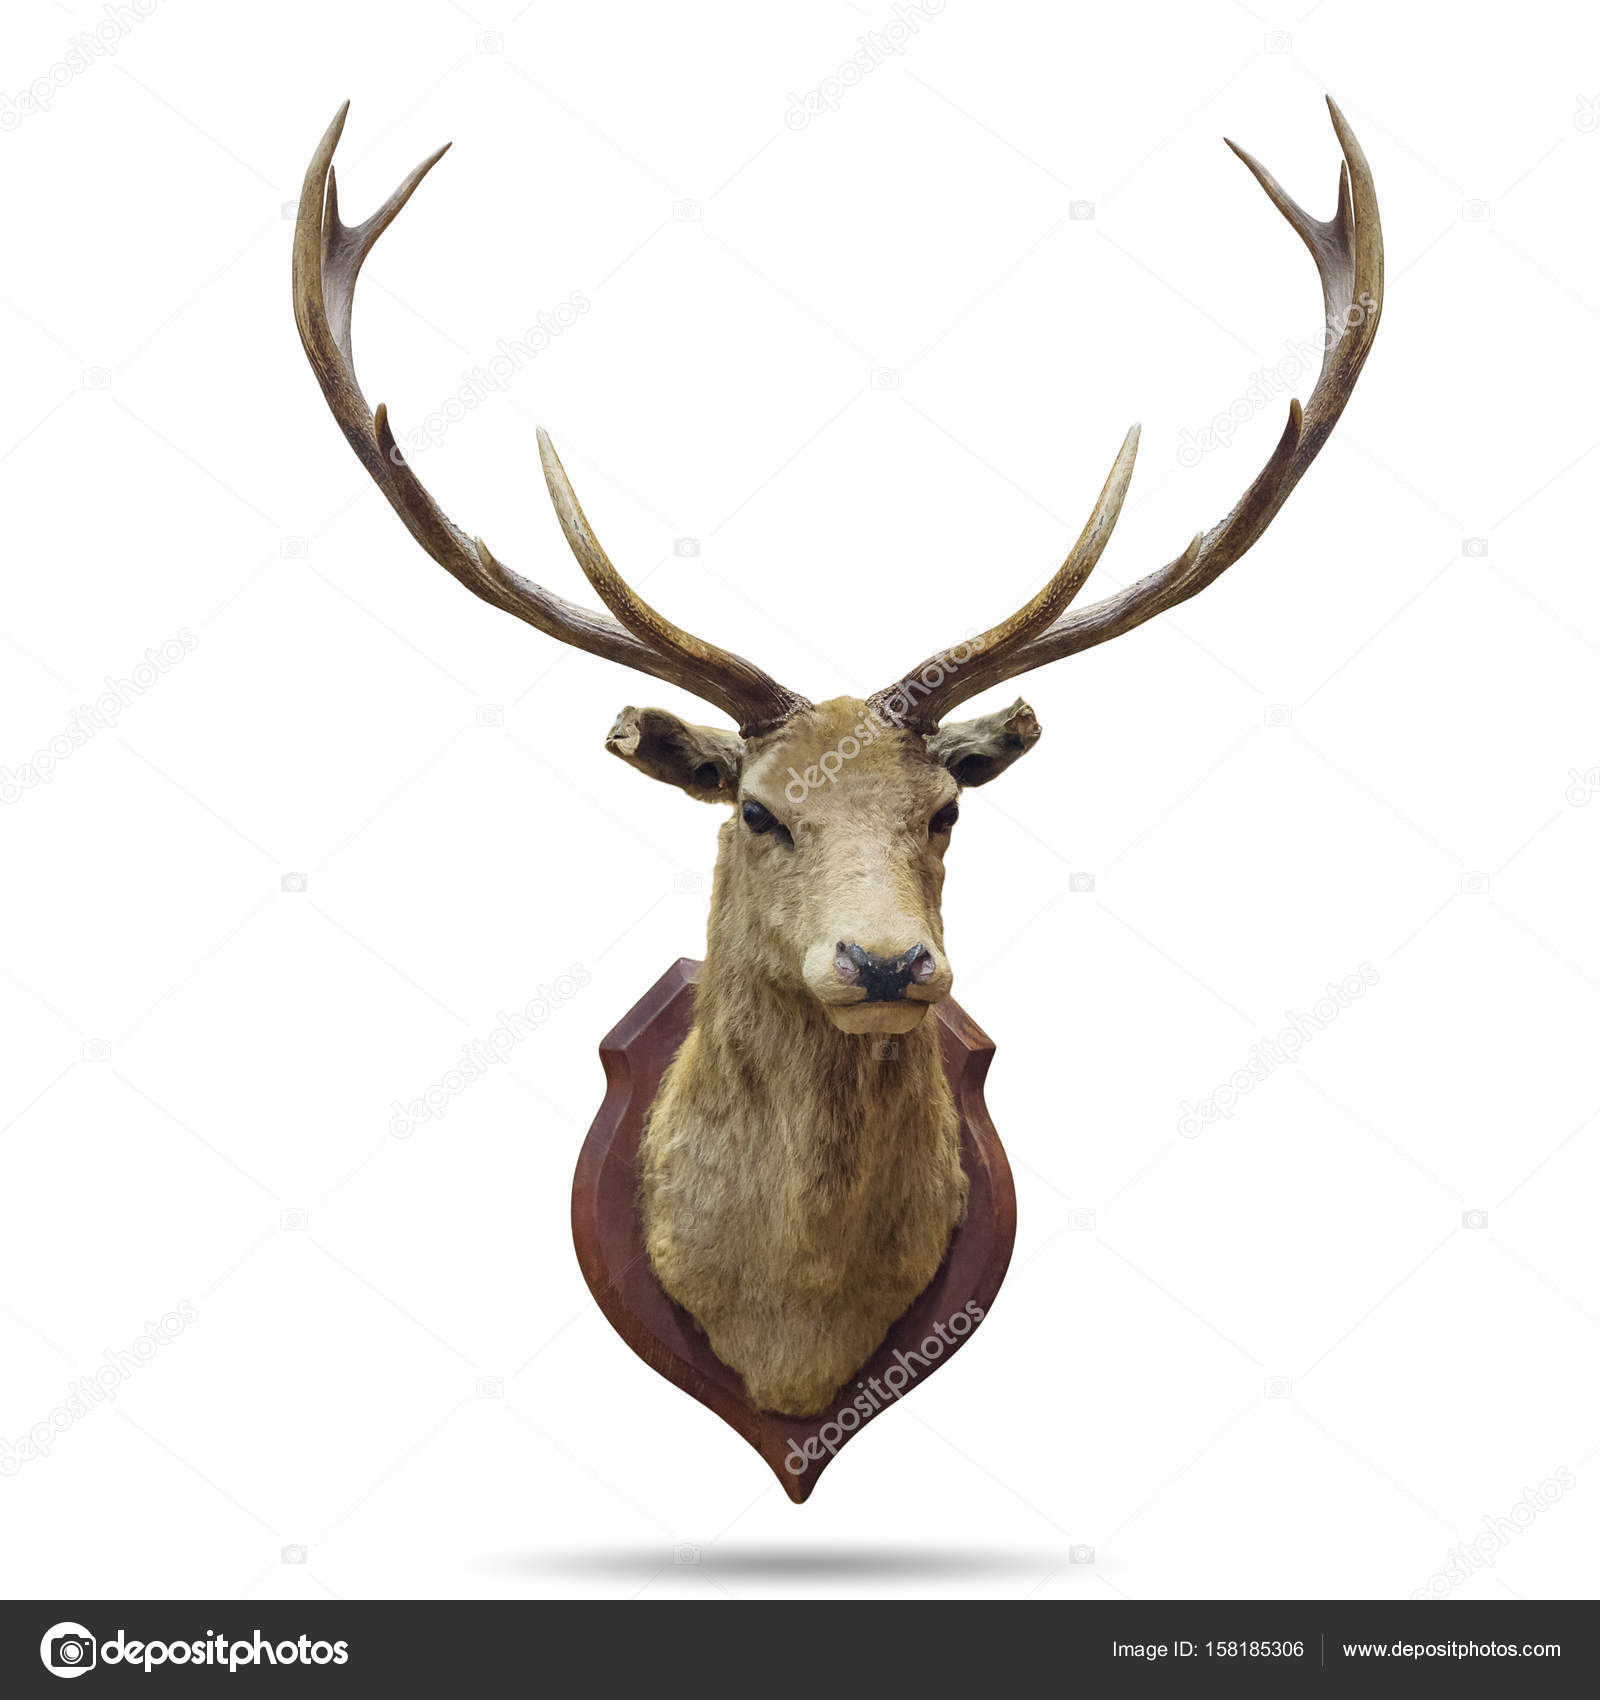 cabeza de ciervo disecado — Foto de stock © nirutdps #158185306